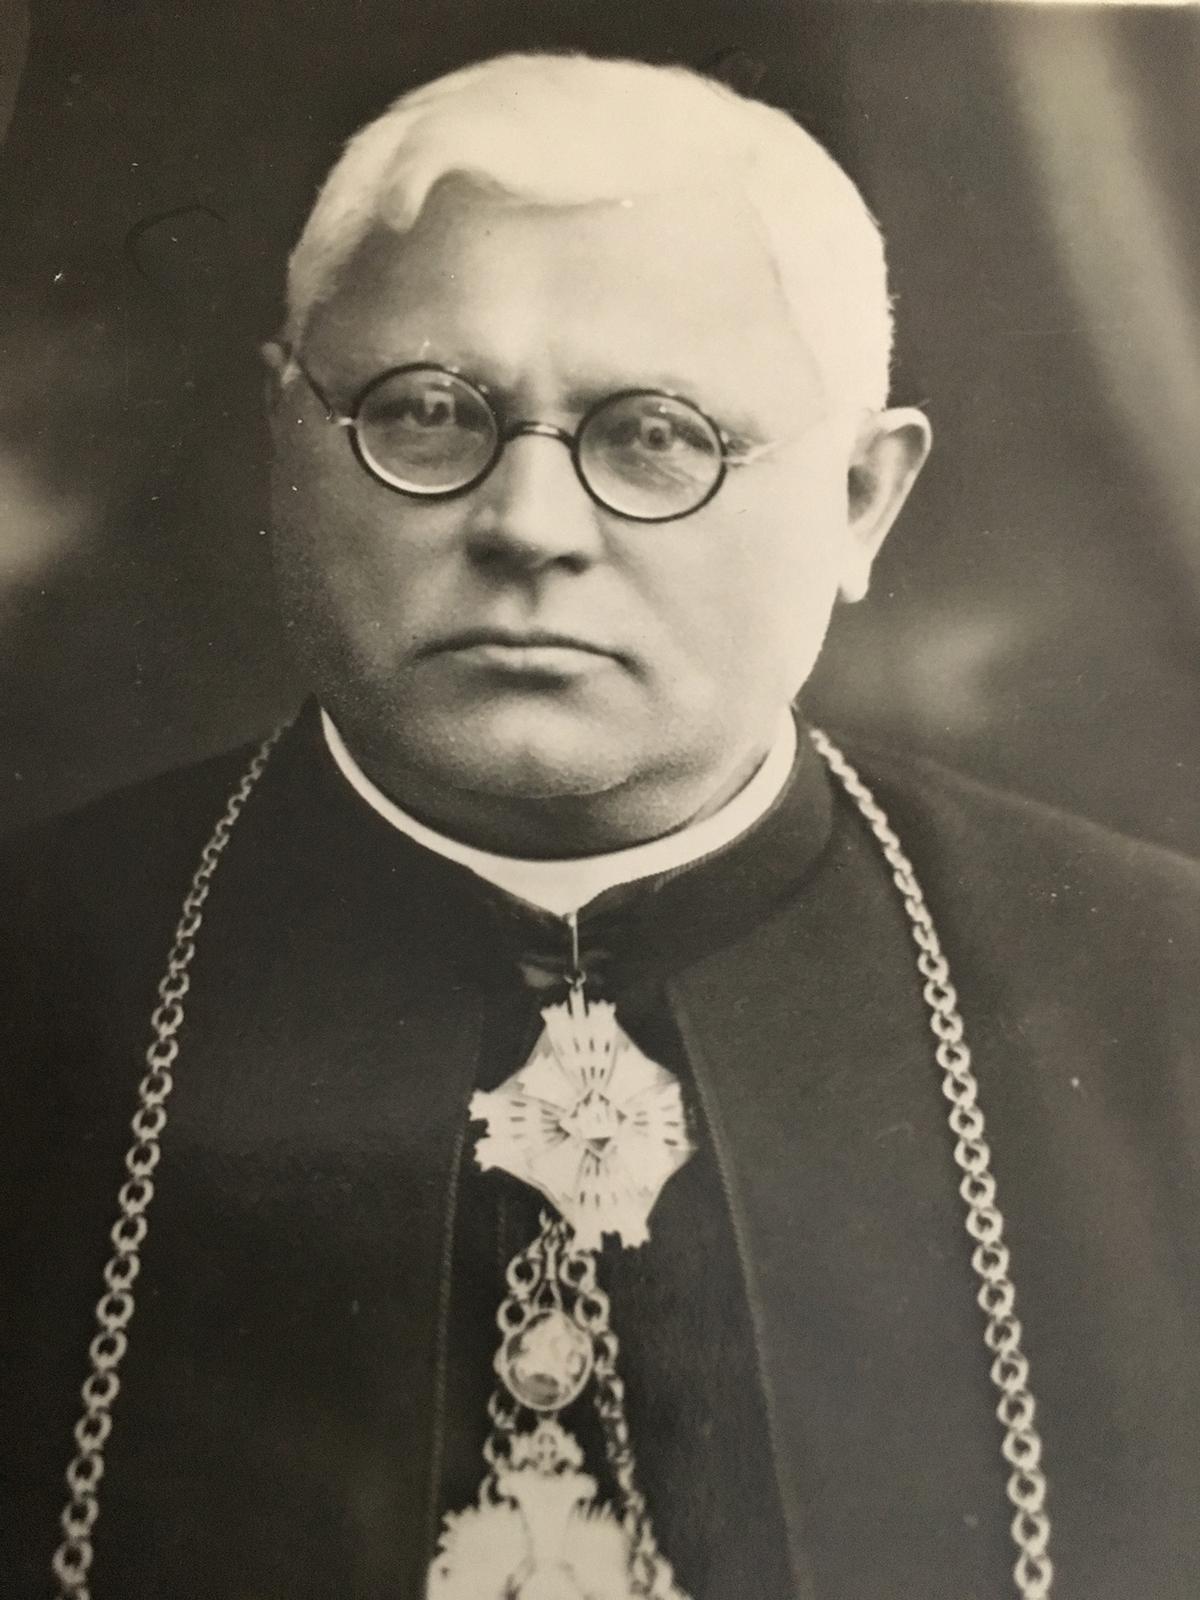 Rašytojas Juozas Tumas Vaižgantas pakrikštijęs Kazimiero Pakšto tėvą Adomą Pakštą.